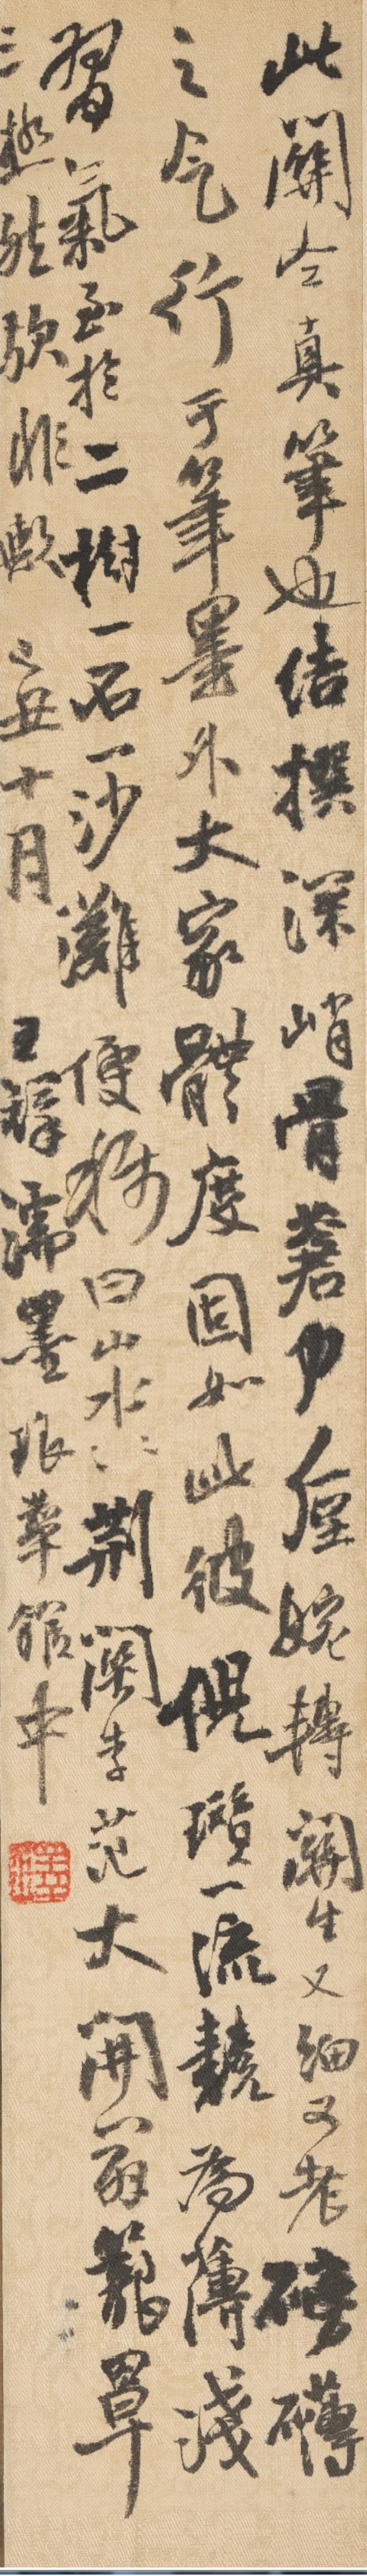 图十二:王铎跋关同《秋山晚翠图轴》,台北故宫博物院藏